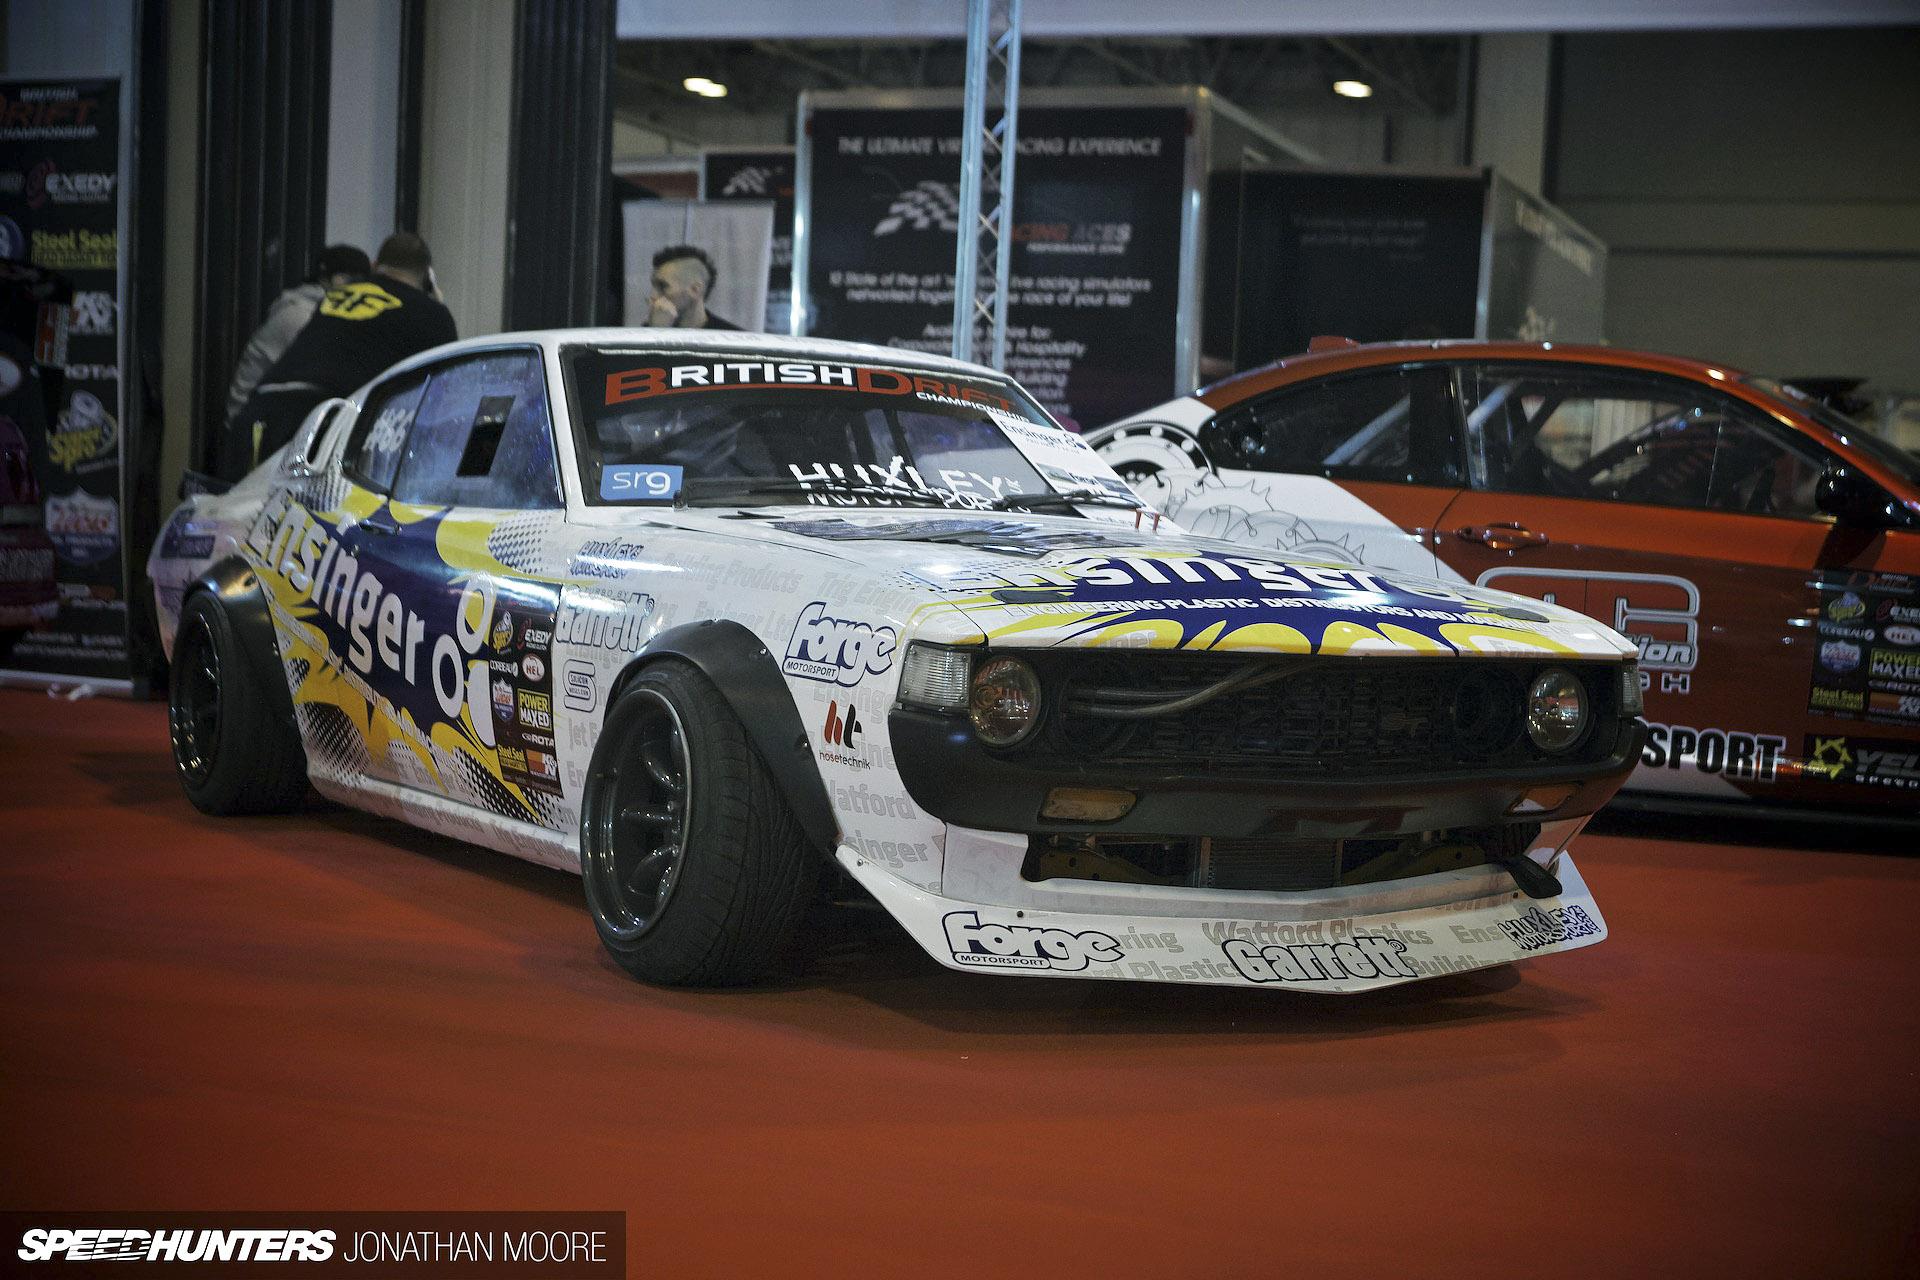 Cars For Sale Uk Drift: Buy It, Build It, Race It, Drift It: Autosport Racing Car